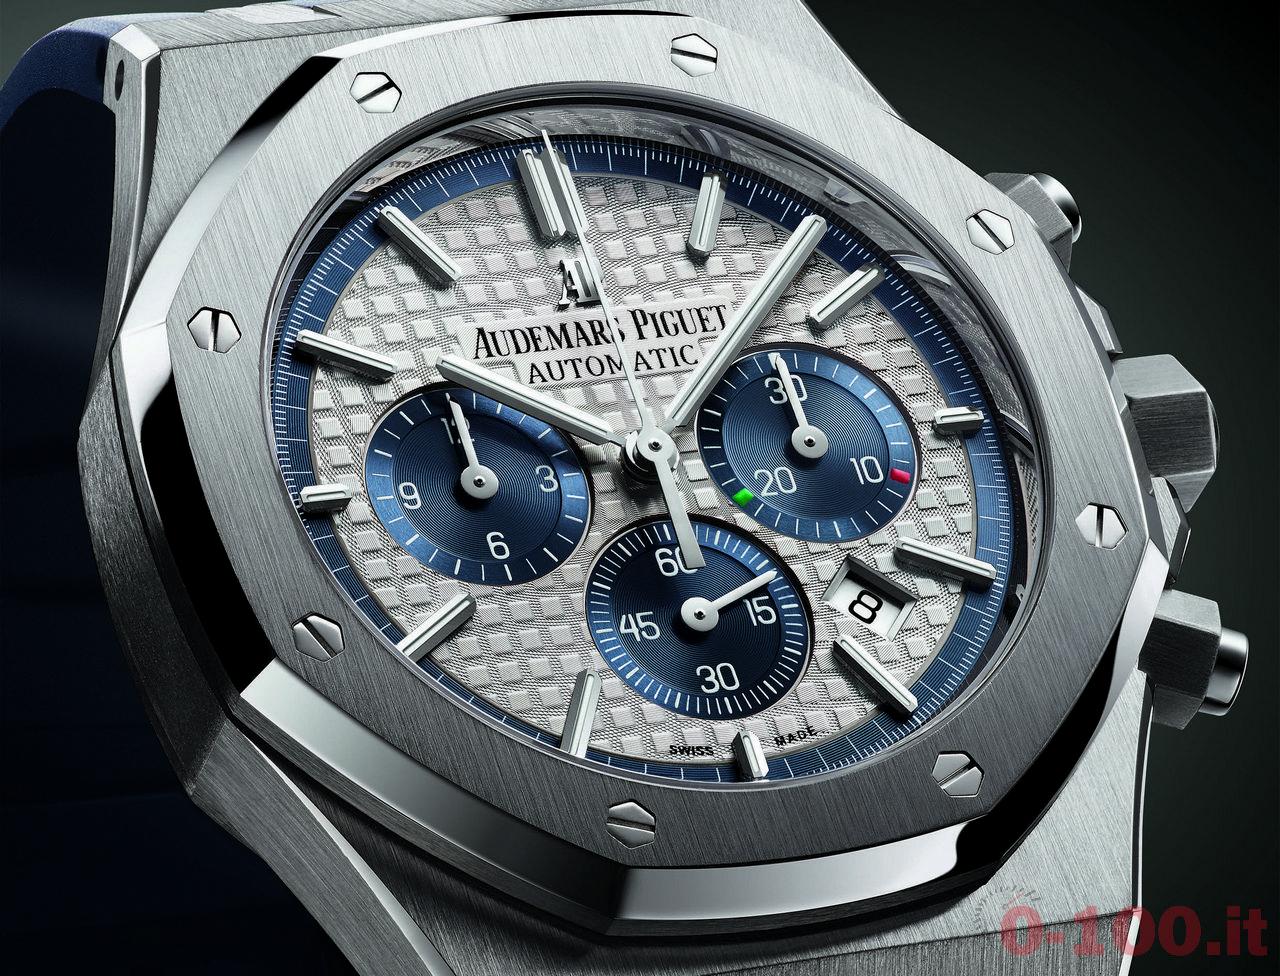 audemars-piguet-royal-oak-cronografo-limited-edition_0-1001